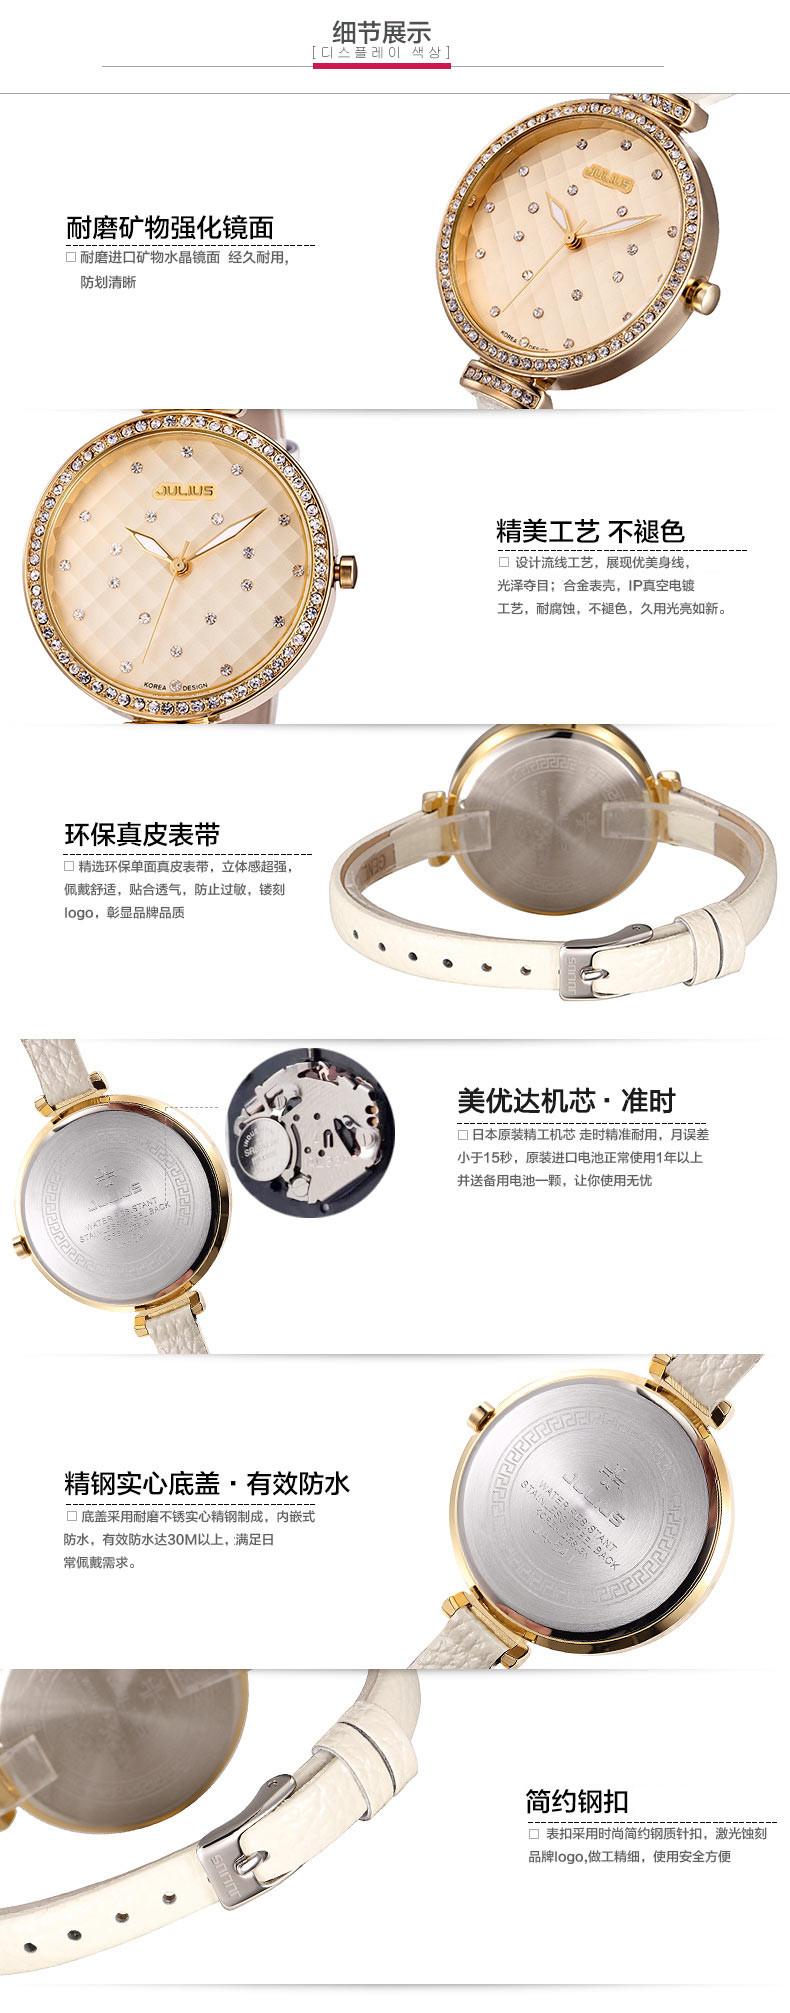 Женщина леди Наручные Часы Япония Кварцевые Часы Мода Платье Кожаный Браслет Девушка Подарок На День Рождения Коробку JA-541